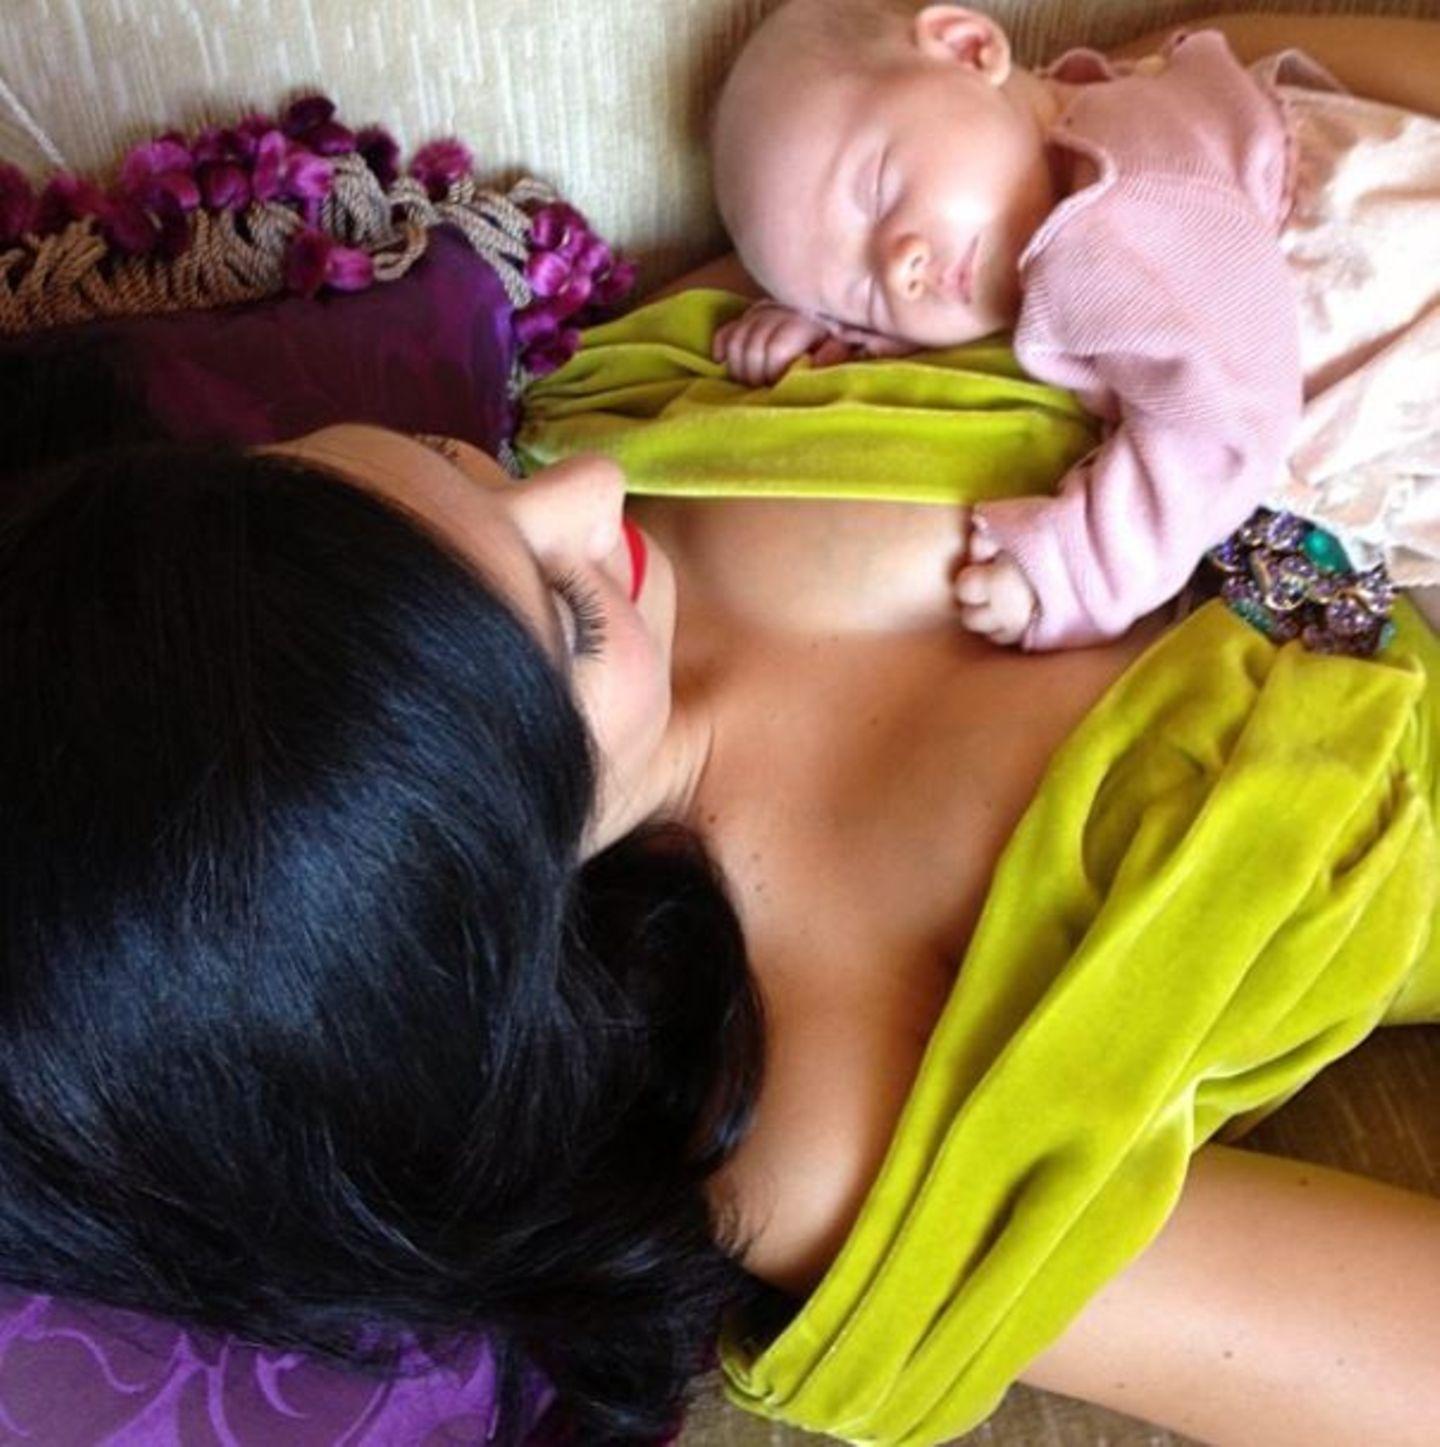 Oktober 2013  Hilaria Baldwin entspannt sich in einer Shootingpause mit ihrer drei Wochen alten Tochter Carmen.